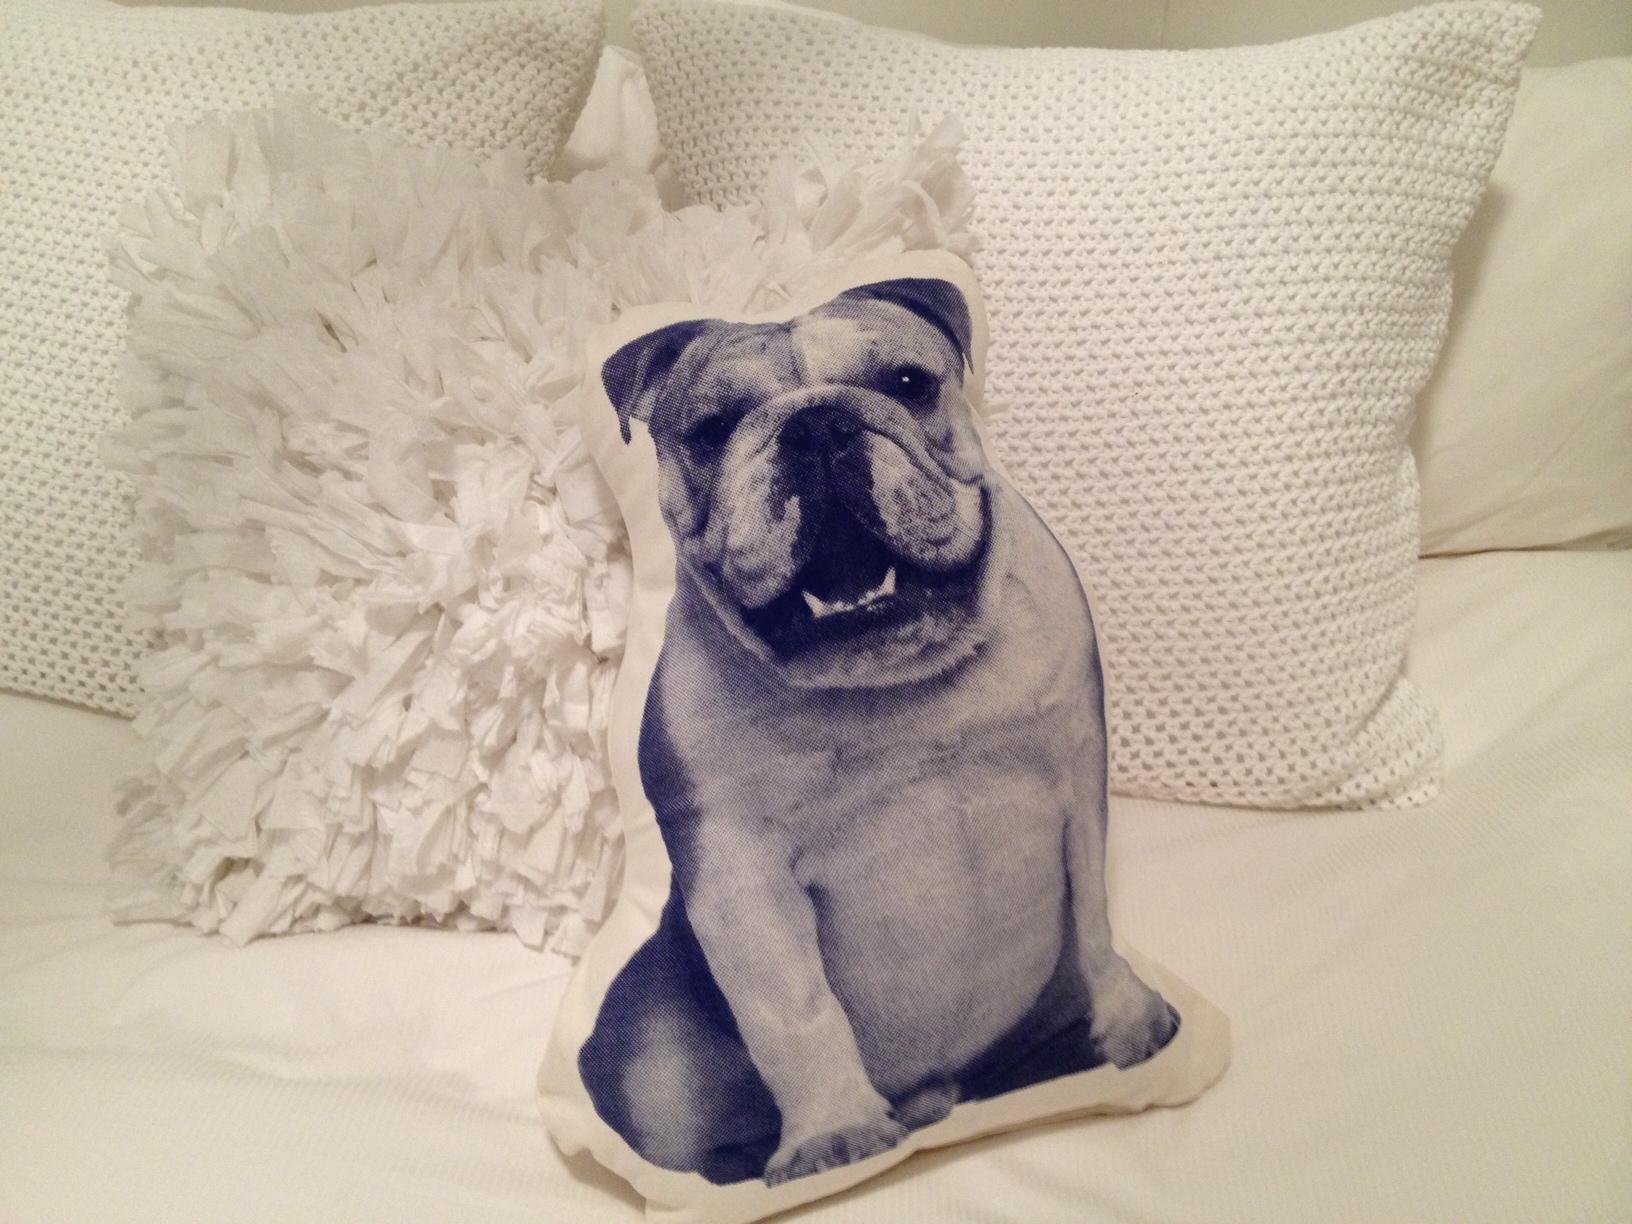 Ross Menuez Pillows